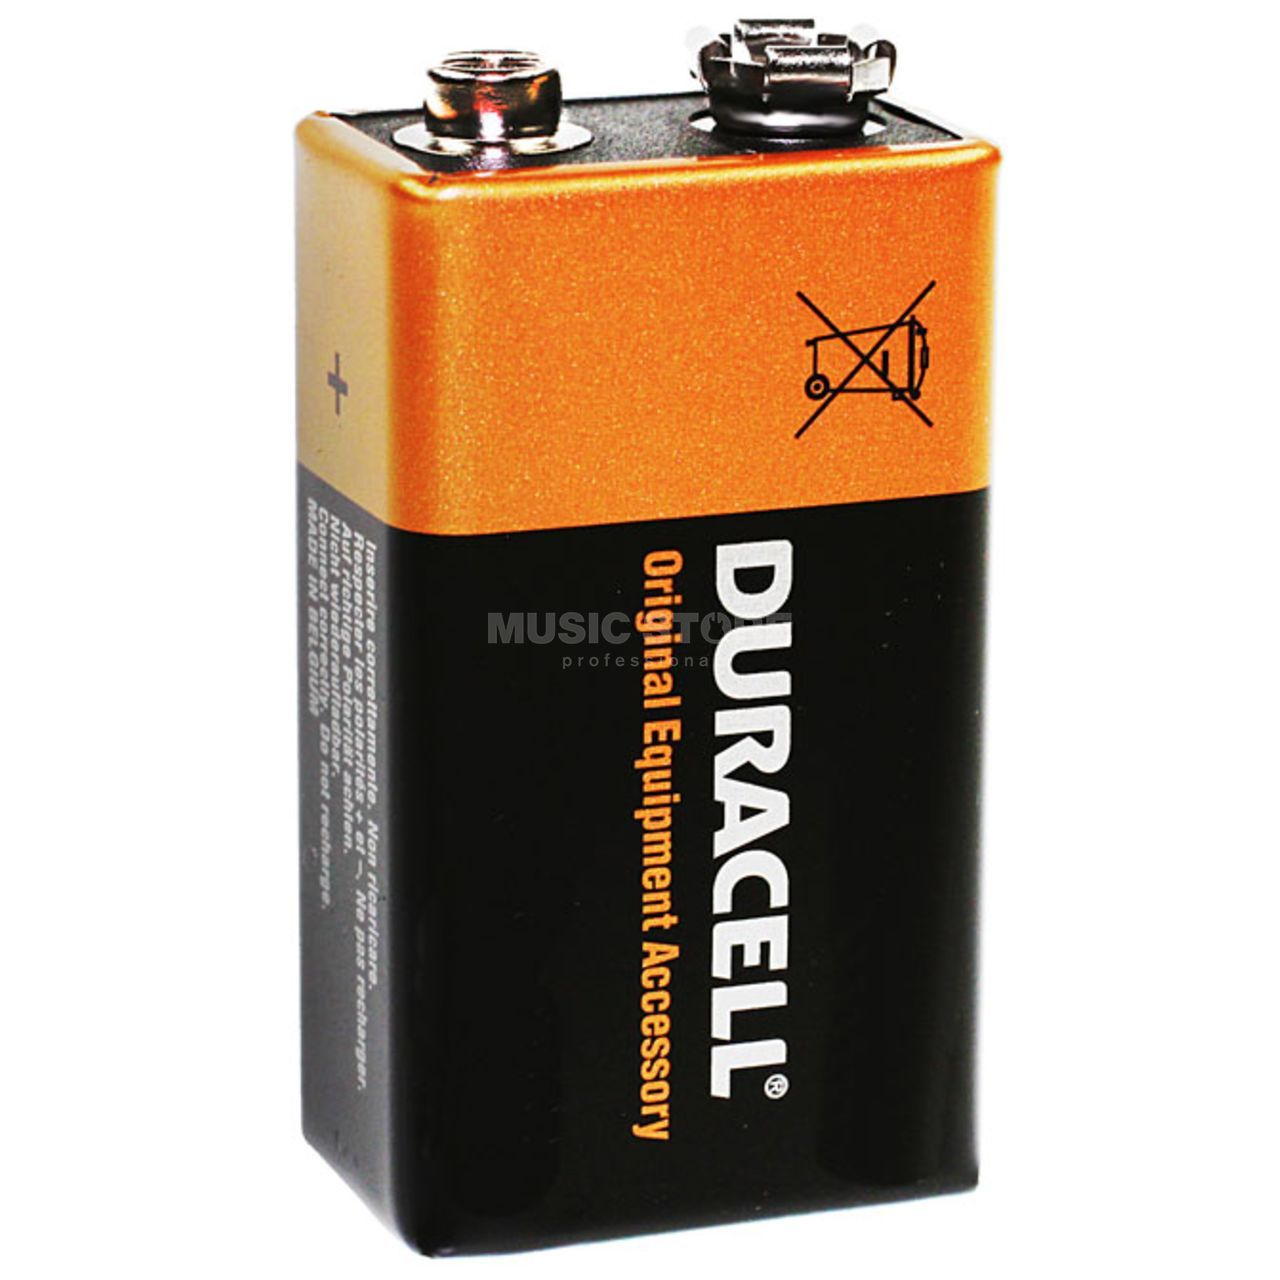 9 Volt Batterie : duracell 9v block batterie us type taylor guitars music store professional de de ~ Aude.kayakingforconservation.com Haus und Dekorationen